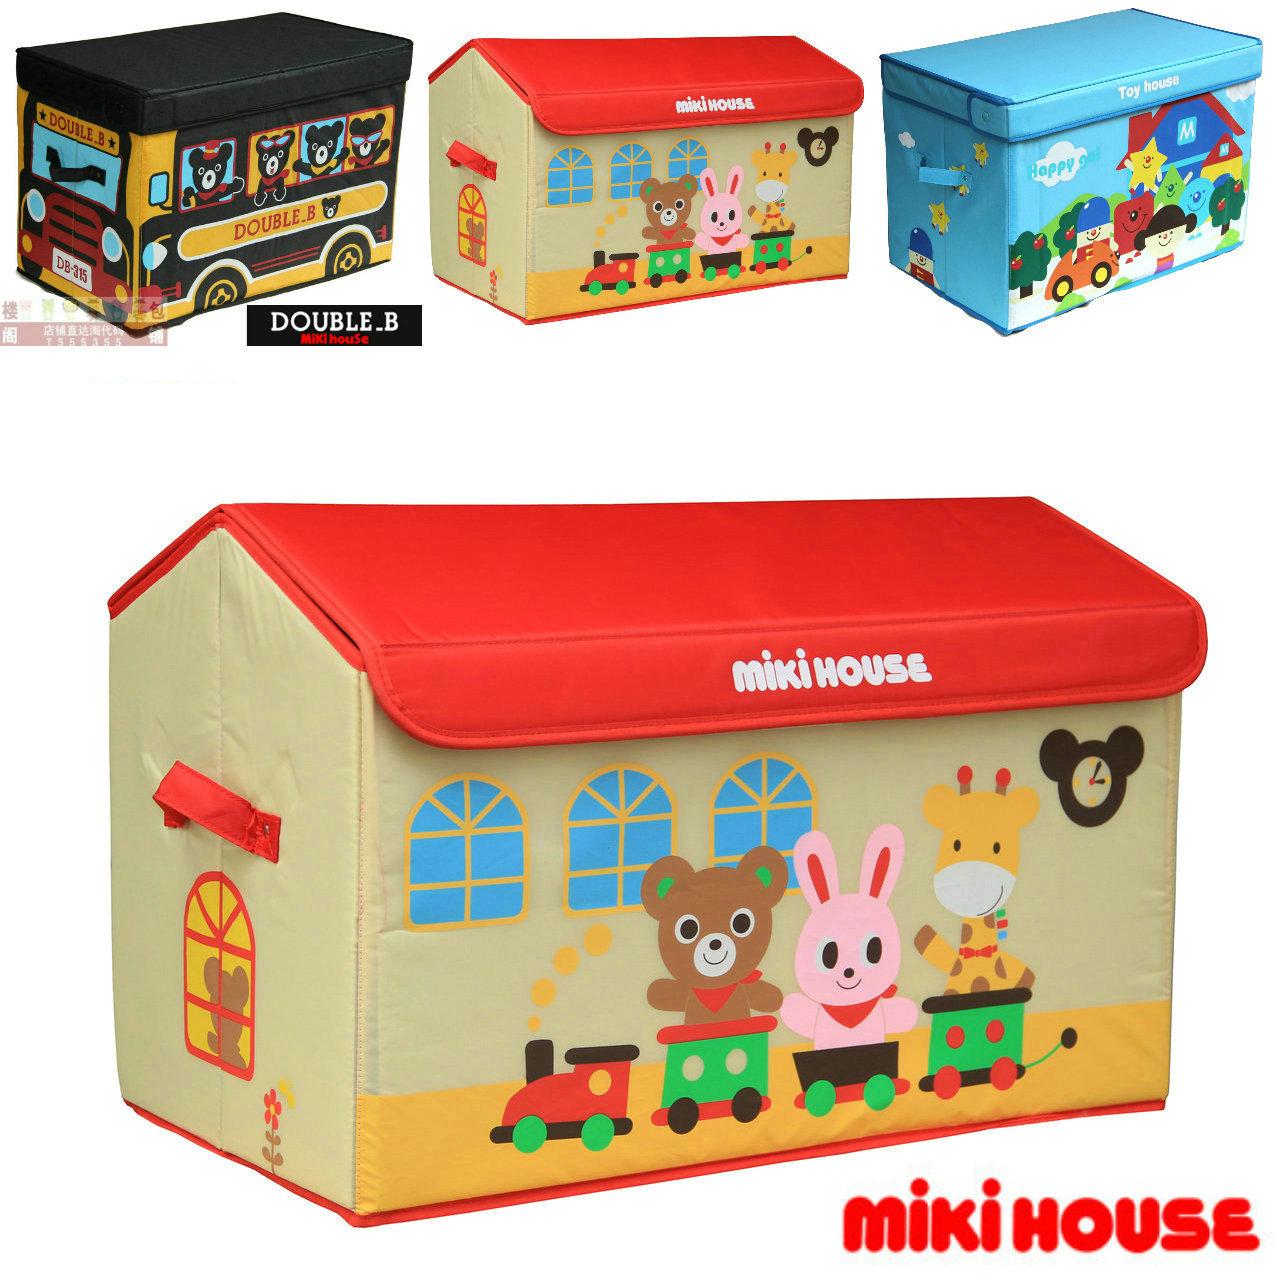 Export Japanese miki extra large baby storage box finishing box Oxford cloth storage box toy box ...  sc 1 st  BuyToMe.com & Export Japanese miki extra large baby storage box finishing box ... Aboutintivar.Com